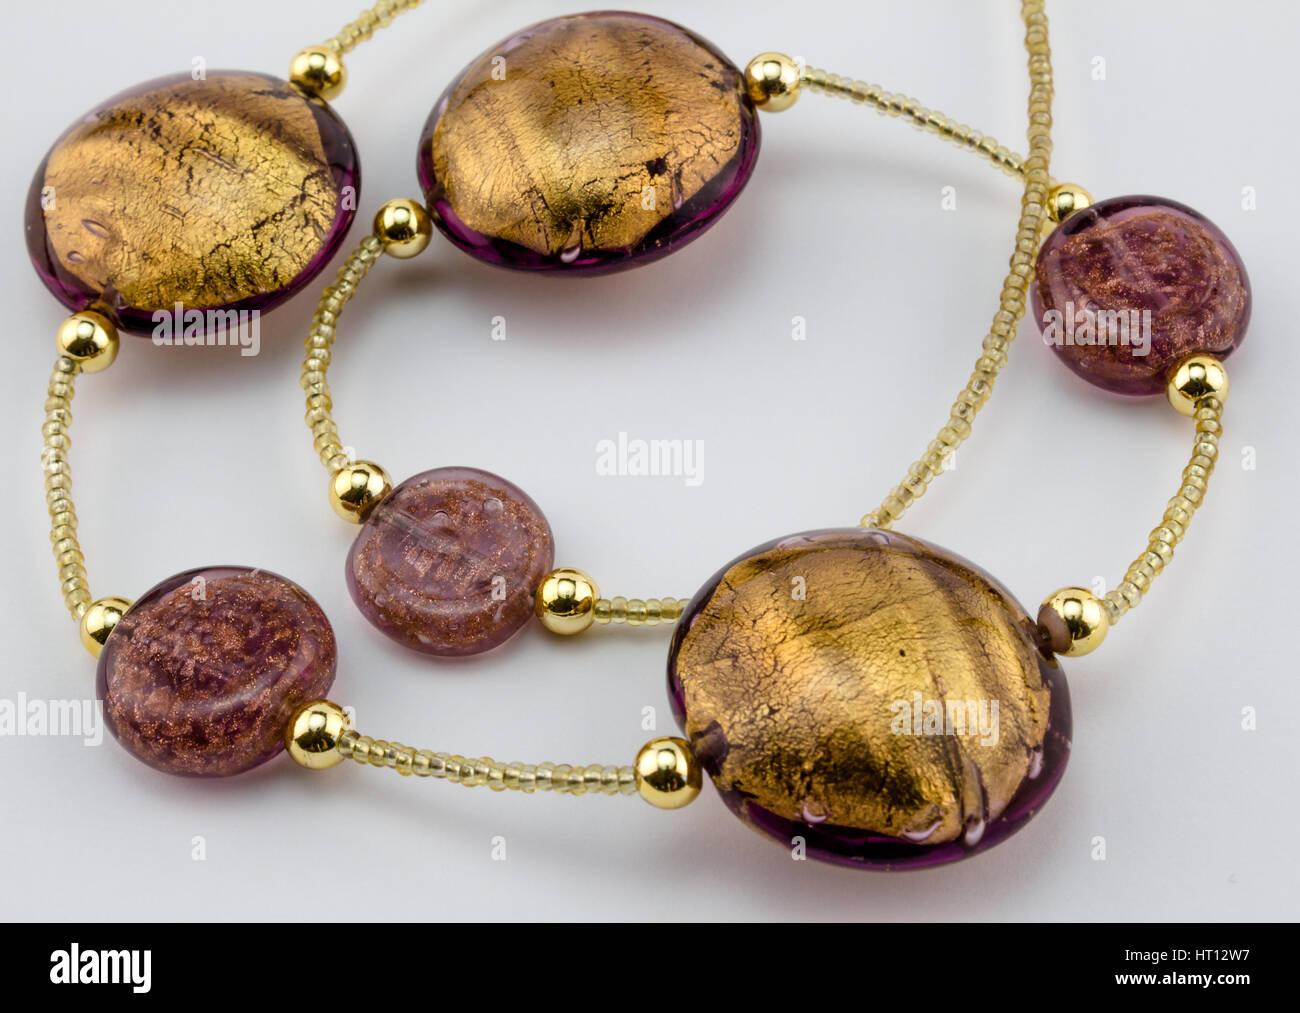 - Cristal de Murano collar de abalorios de oro de cerca sobre fondo blanco. Foto de stock